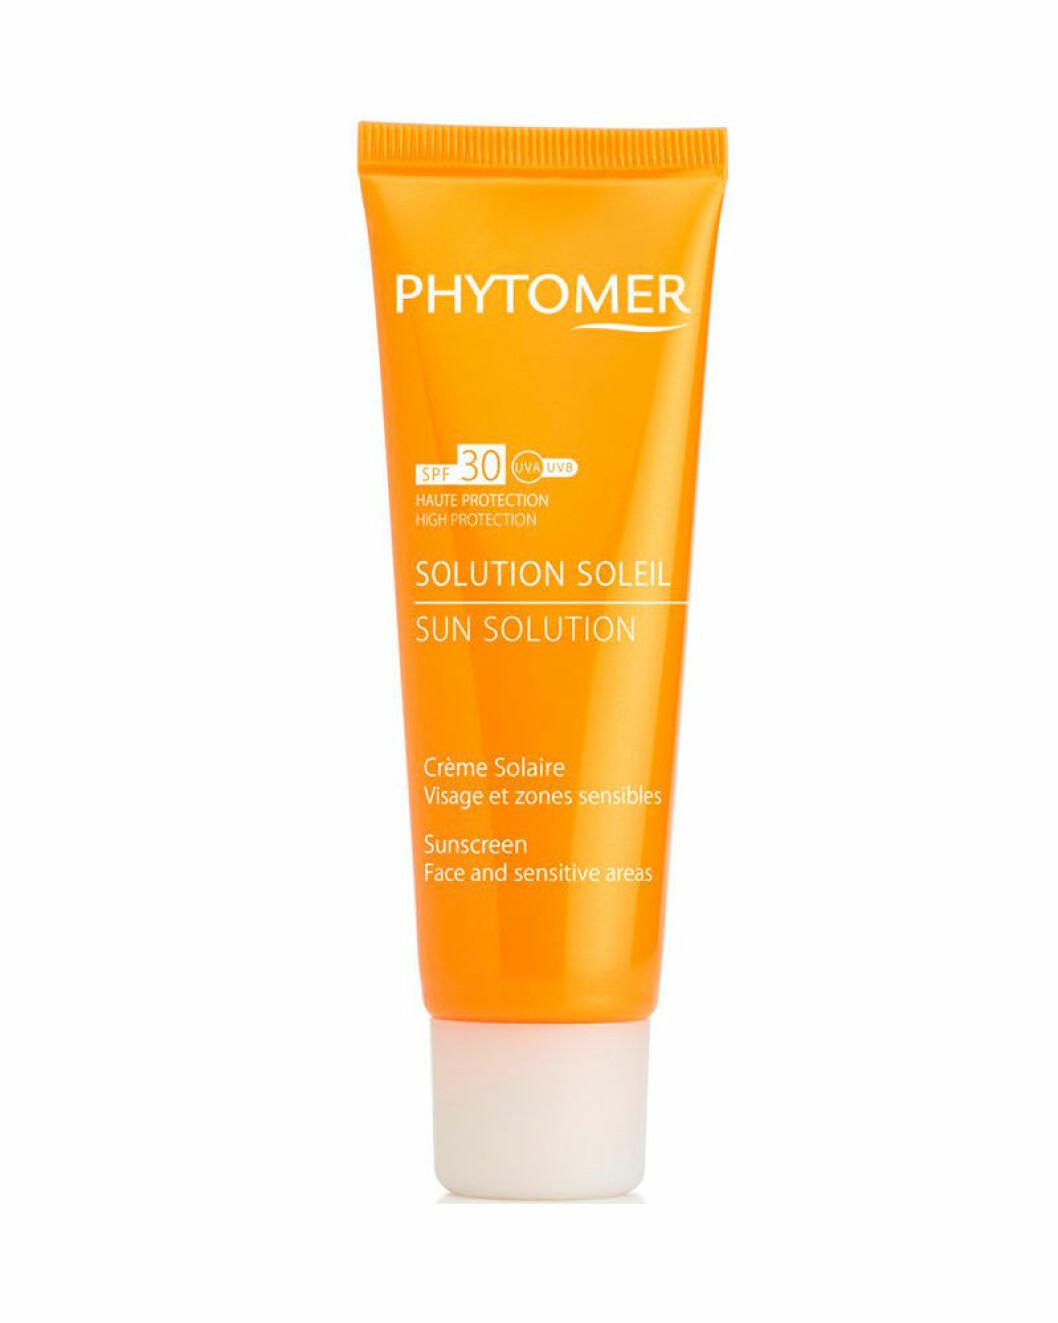 Phytomer spf 30